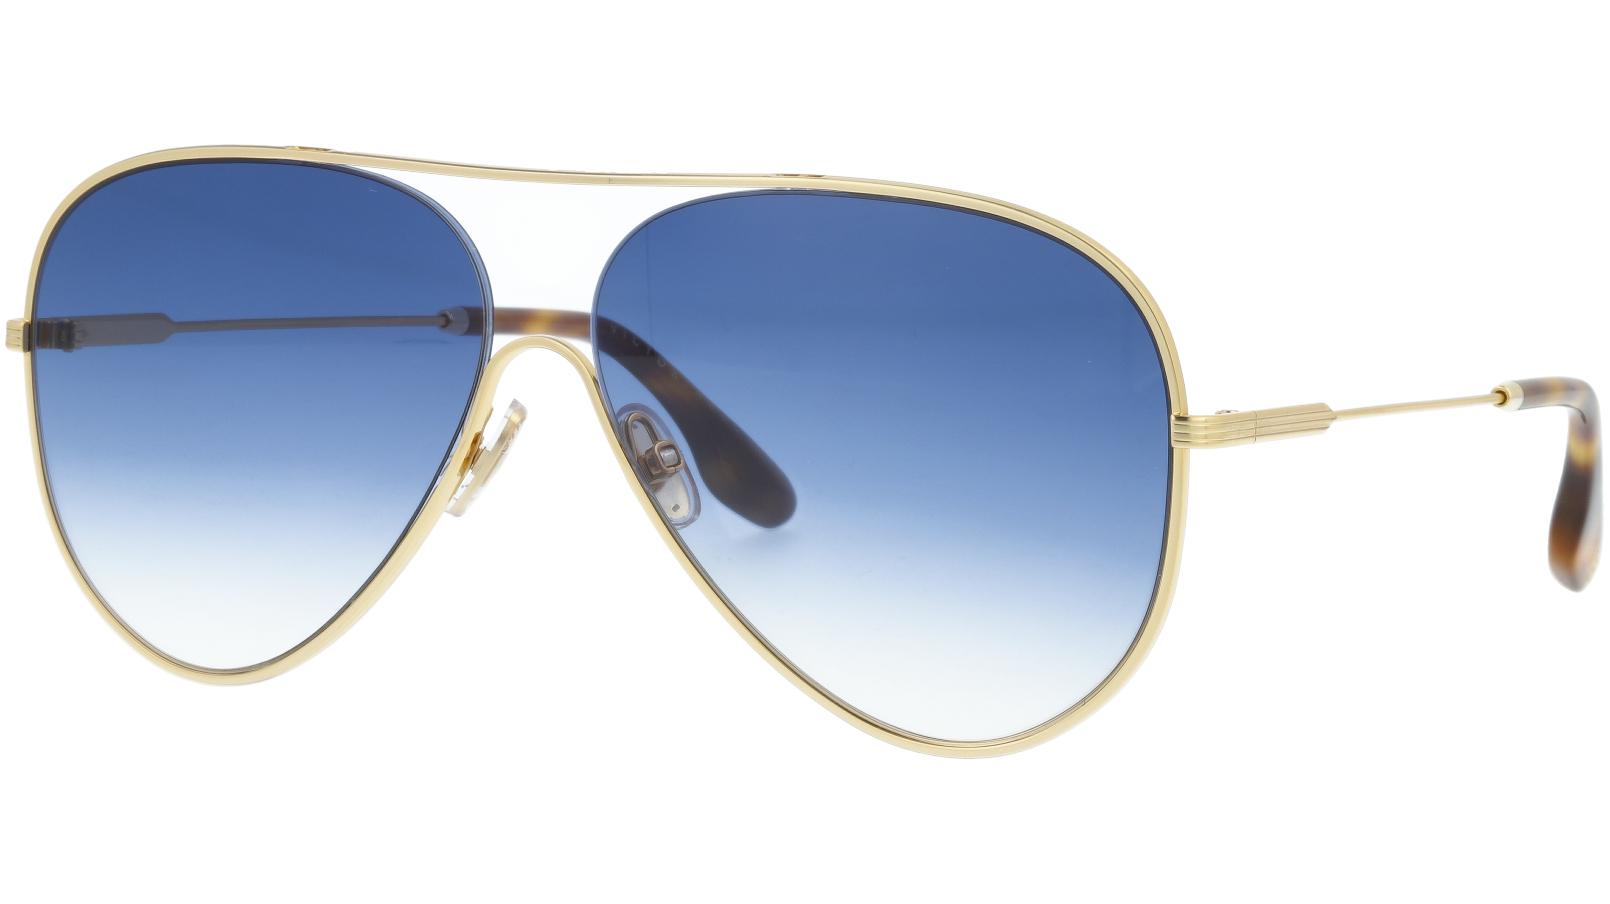 Victoria Beckham VB133S 706 61 Gold Sunglasses